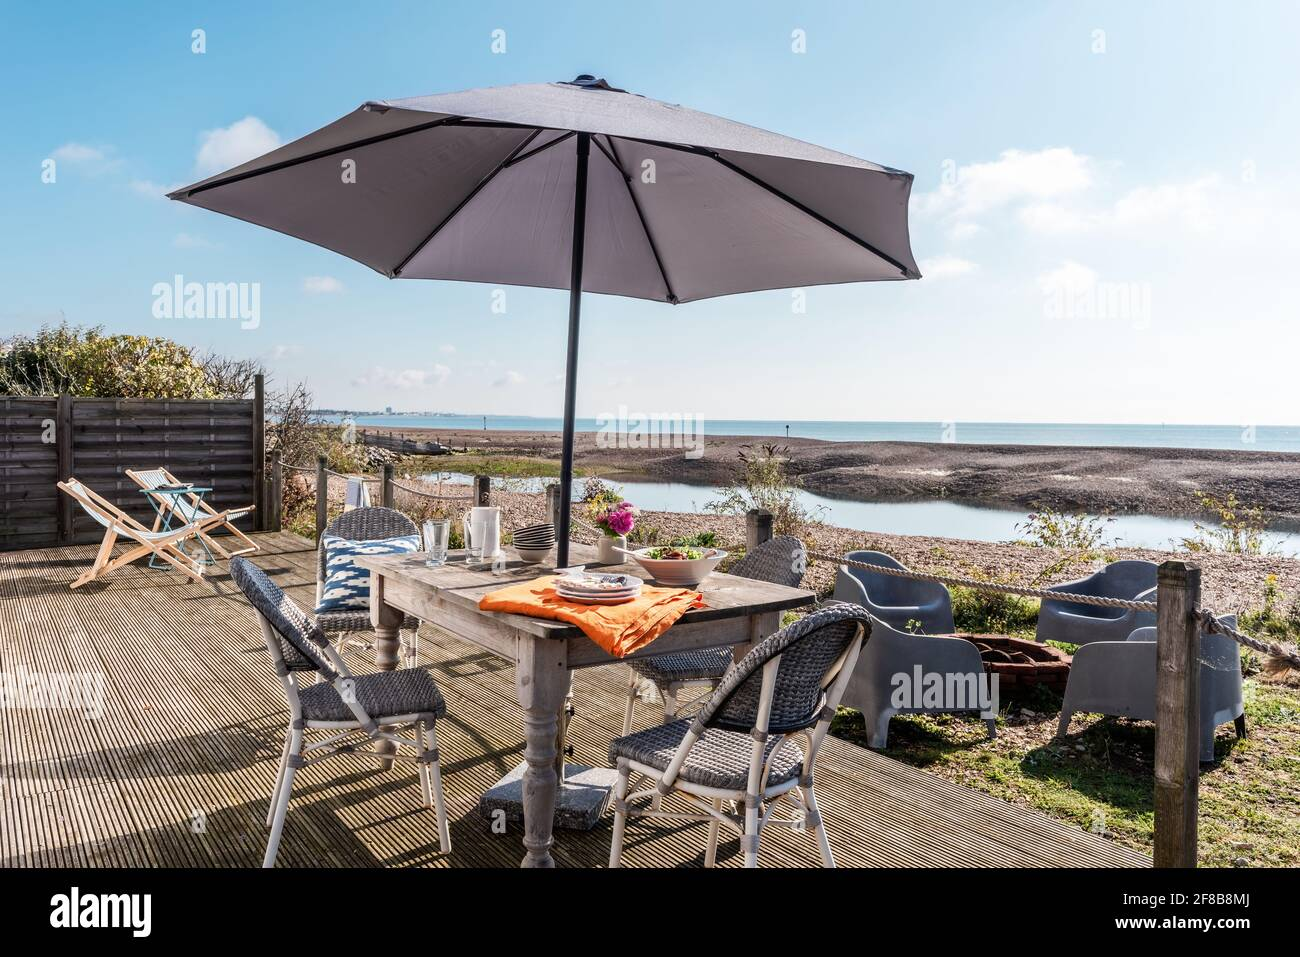 Paarasol ombre table et chaises sur la terrasse de West Sussex maison de vacances. Banque D'Images